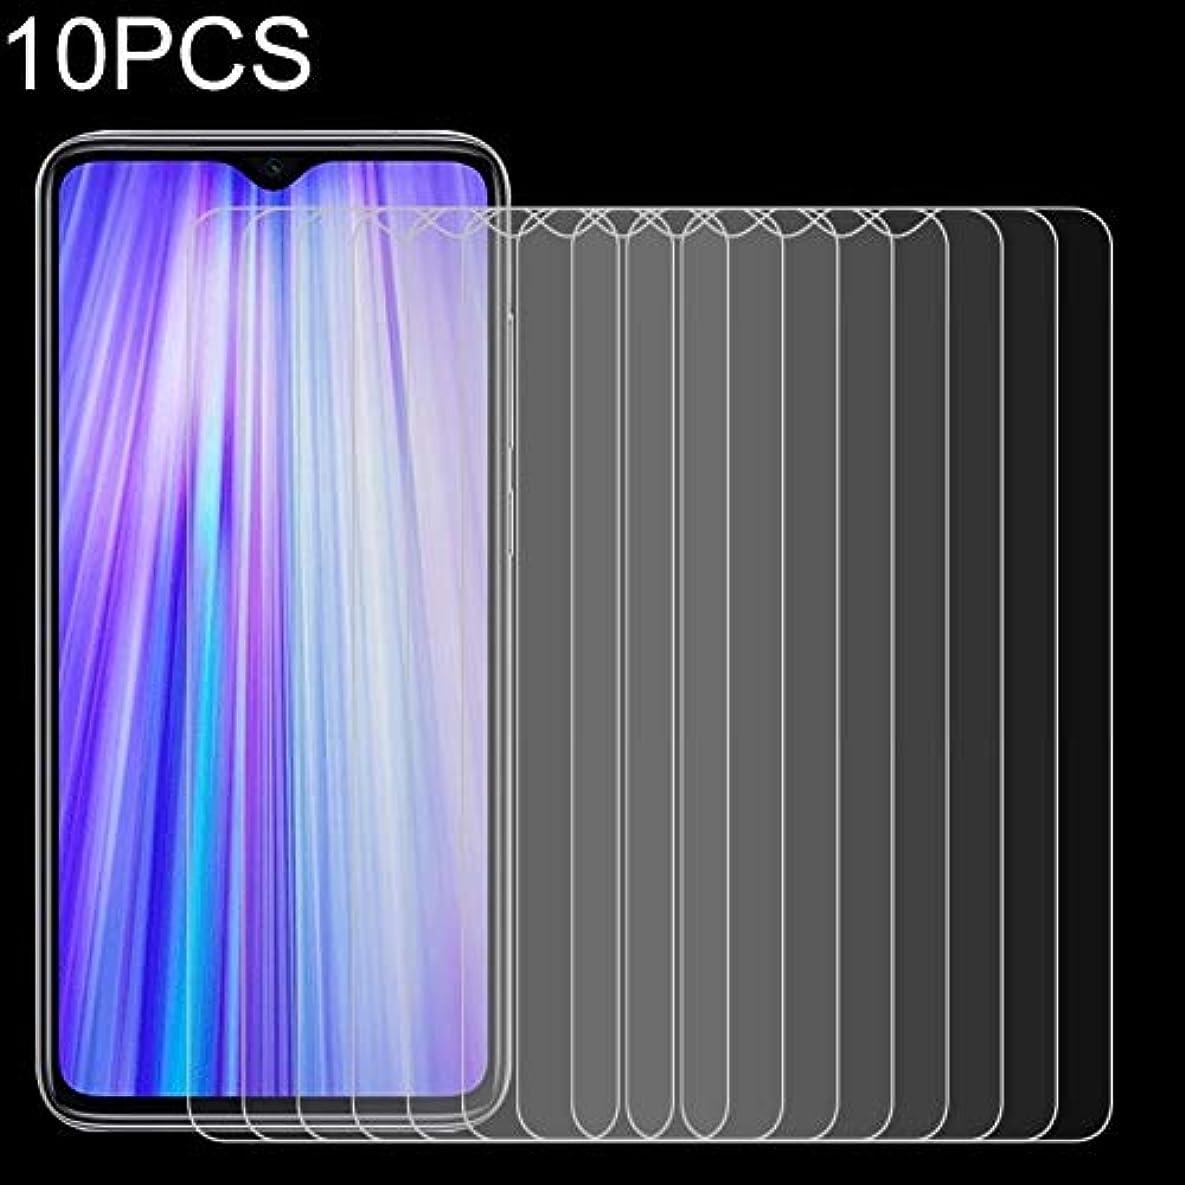 多分剣コーナー携帯電話強化ガラスフィルム 小米科技Redmi注8 Proの50 PCS 0.26ミリメートル9H 2.5D強化ガラスフィルム 強化フィルム